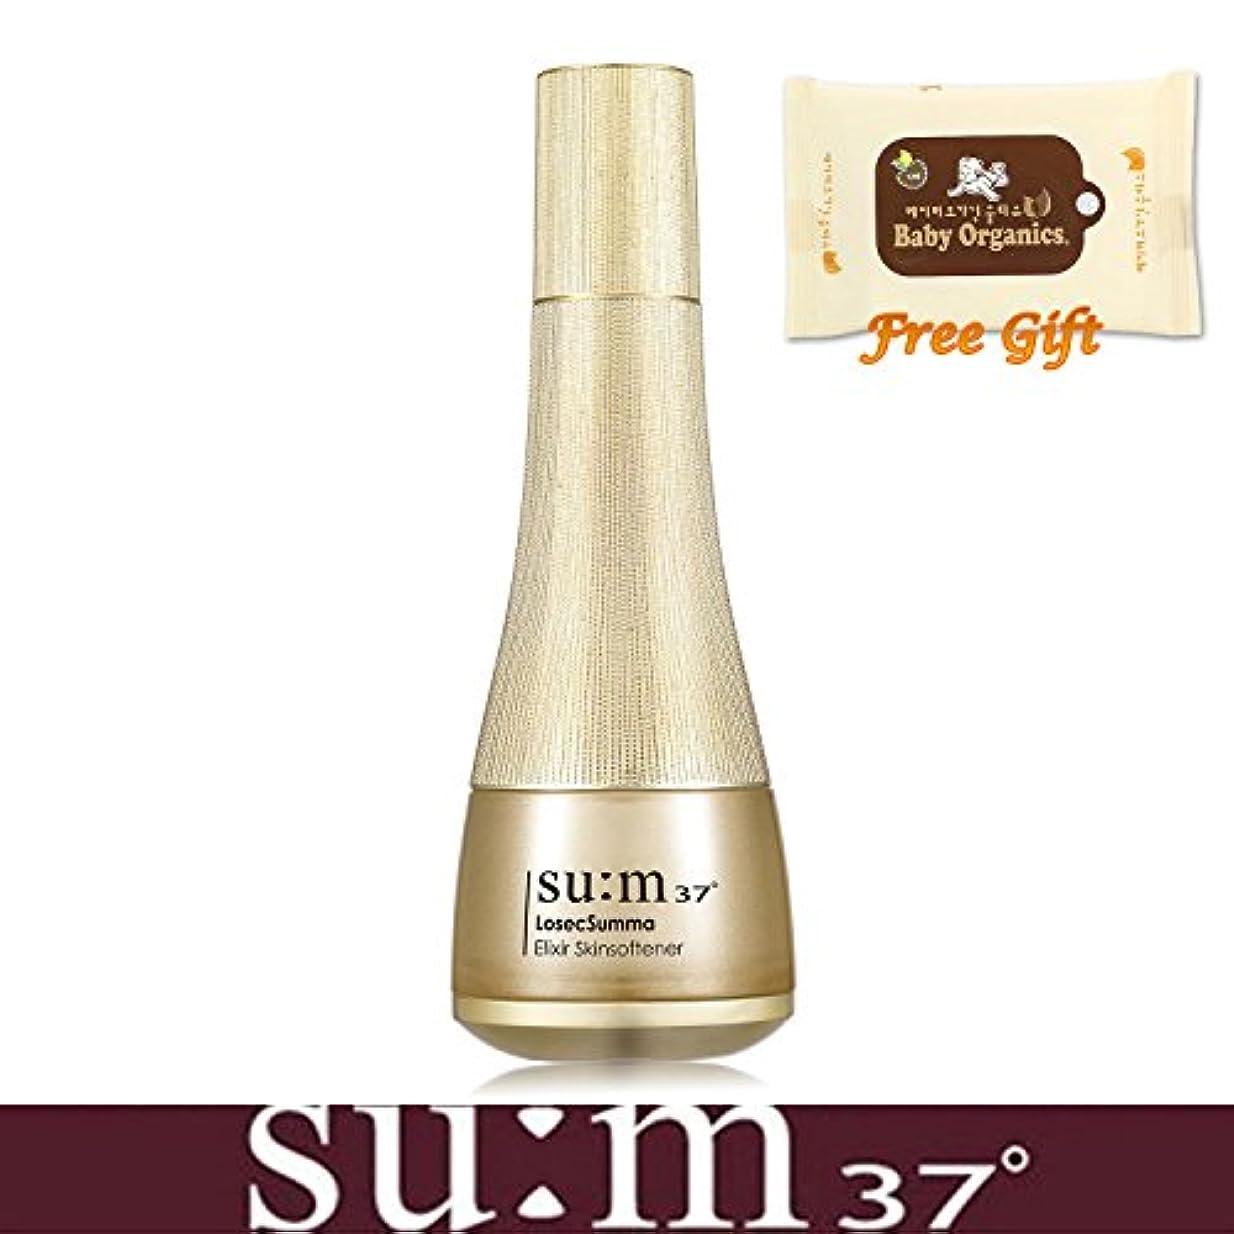 忙しいショッキング慎重[su:m37/スム37°] Sum 37 LOSEC SUMMA ELIXIR Skin softener 150 ml+ Portable Tissue/ スム37 LOSEC SUMMA ELIXIR スキンソフトナー...